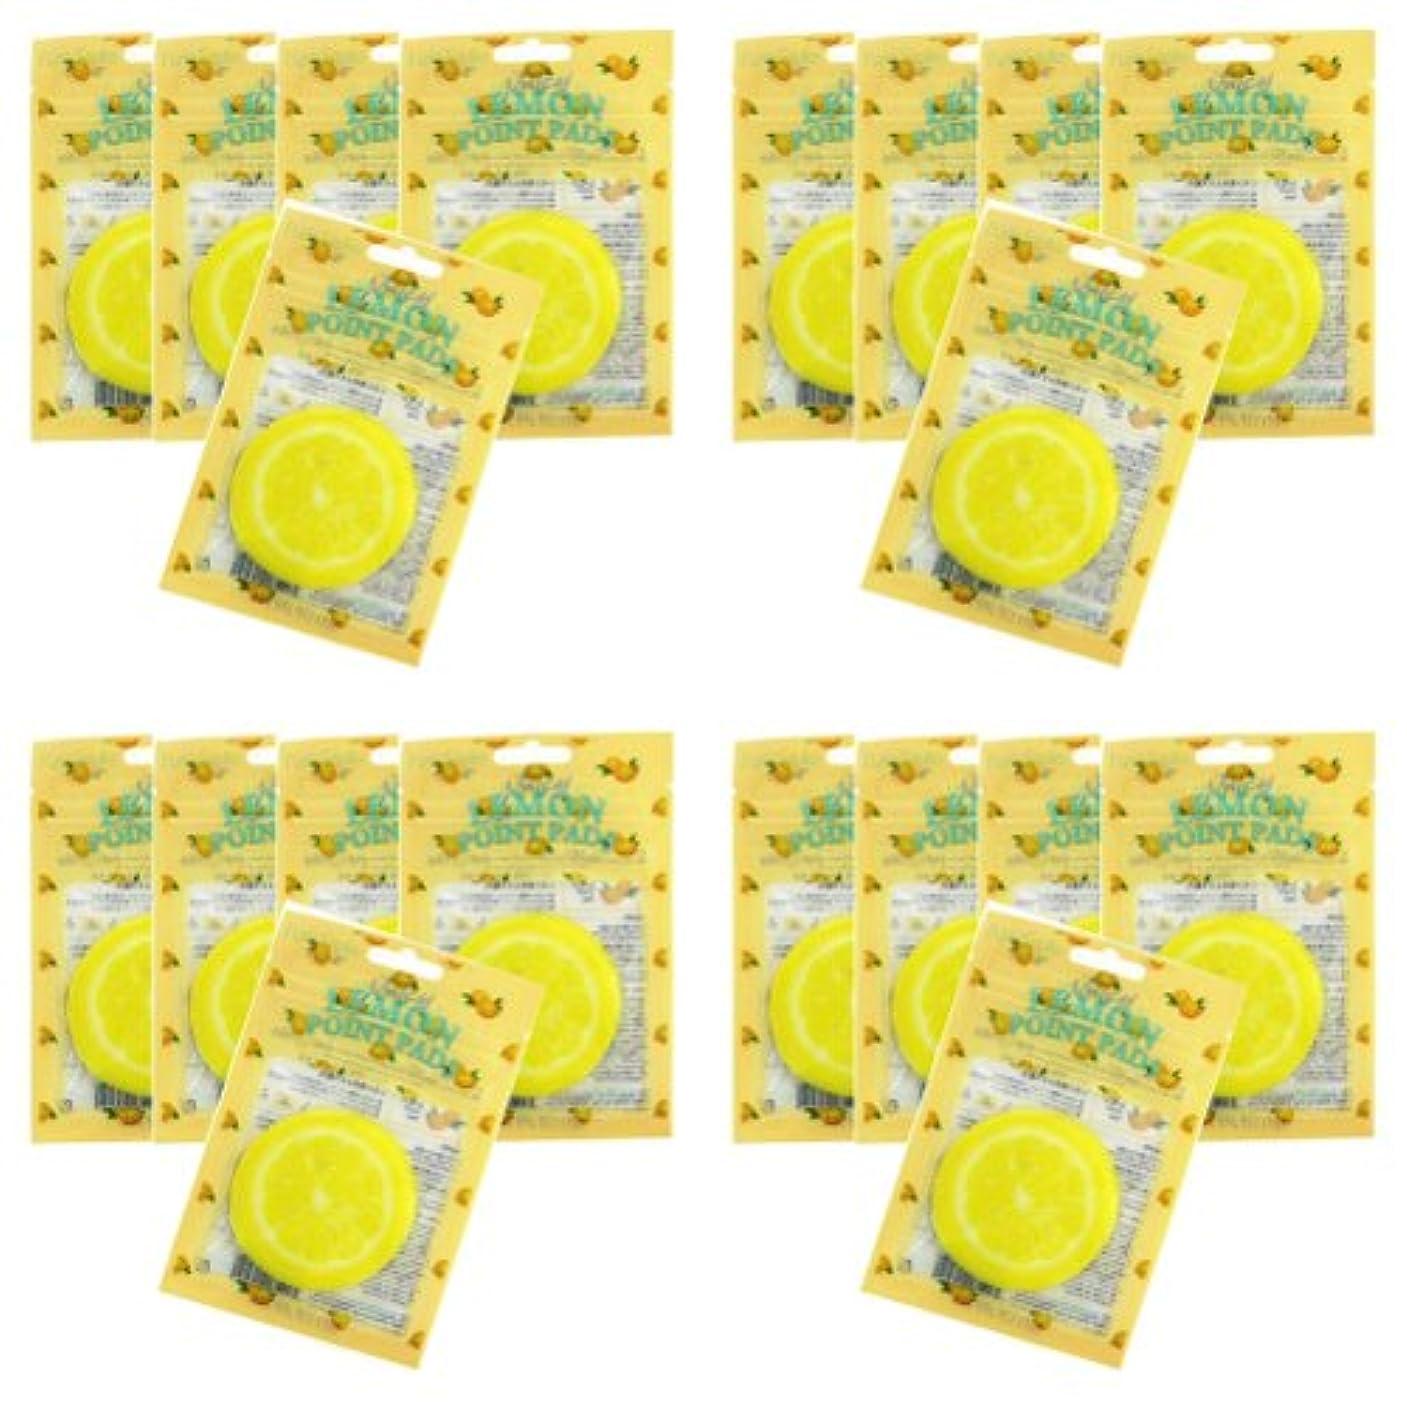 絶壁成功する賄賂ピュアスマイル ジューシーポイントパッド レモン20パックセット(1パック10枚入 合計200枚)